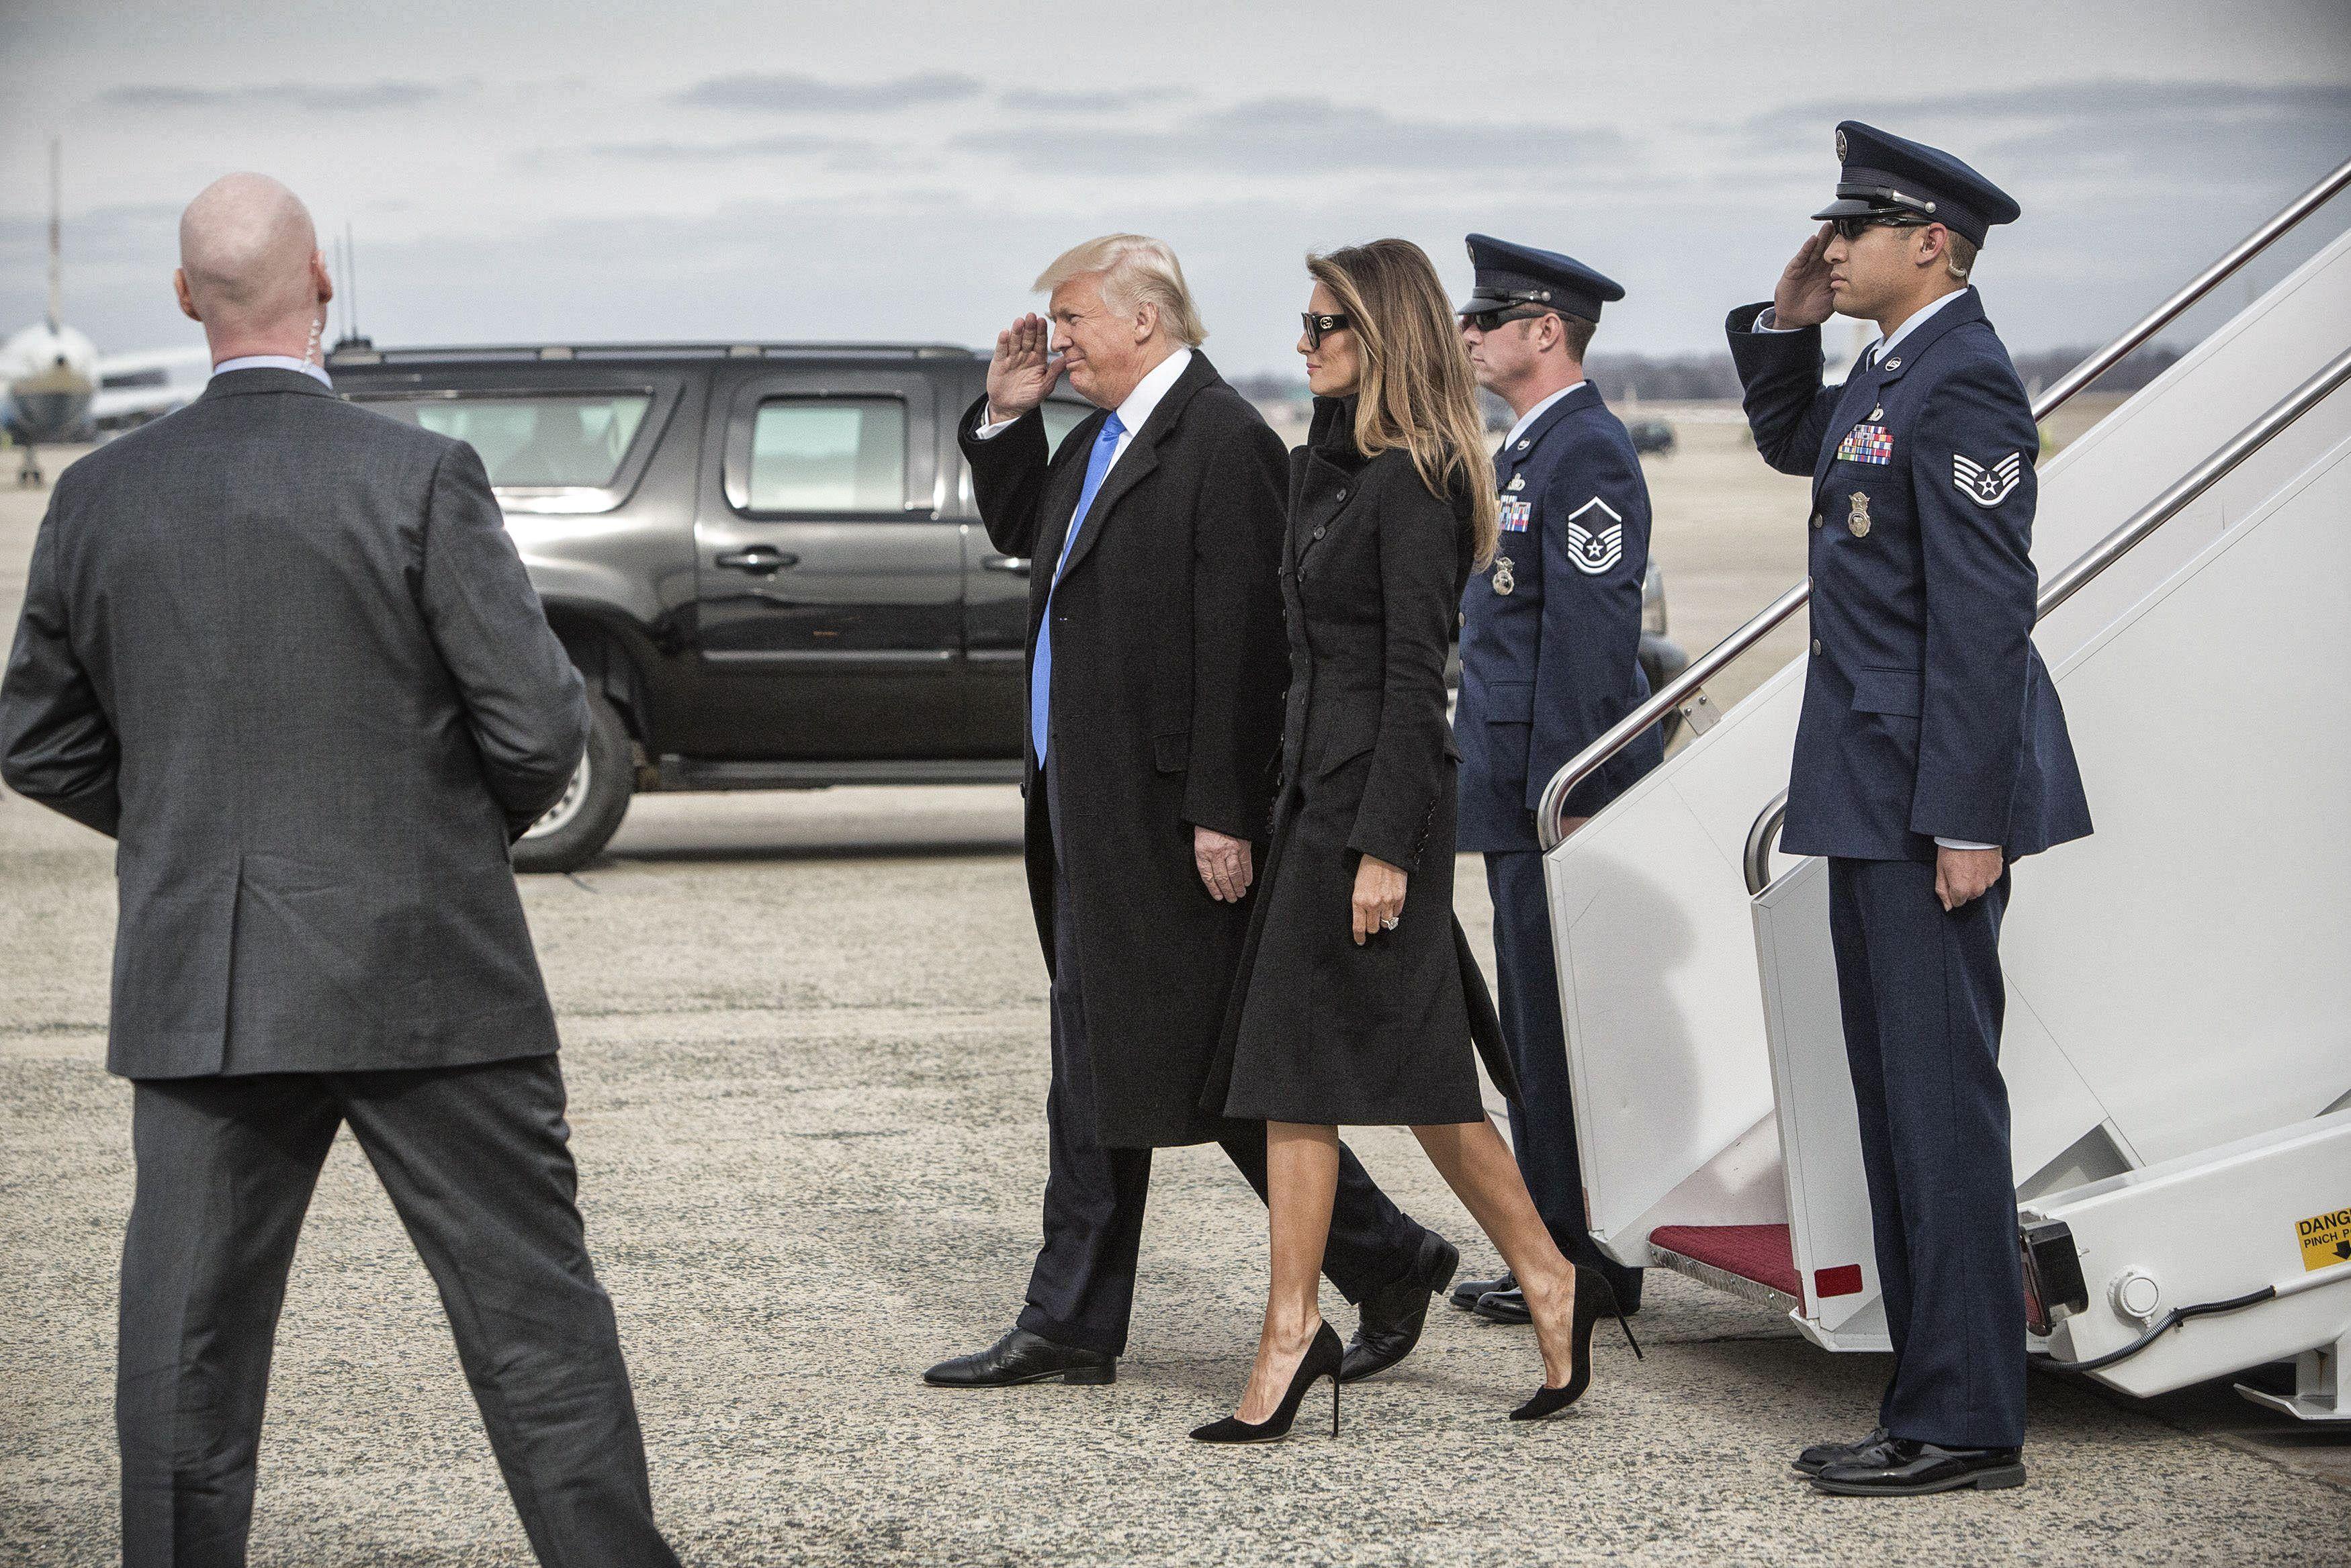 Hier is hij dan: de outfit van Melania Trump - Het Belang van Limburg: http://www.hbvl.be/cnt/dmf20170120_02685048/melania-kiest-symbolische-eerste-outfit-op-inauguratiedag